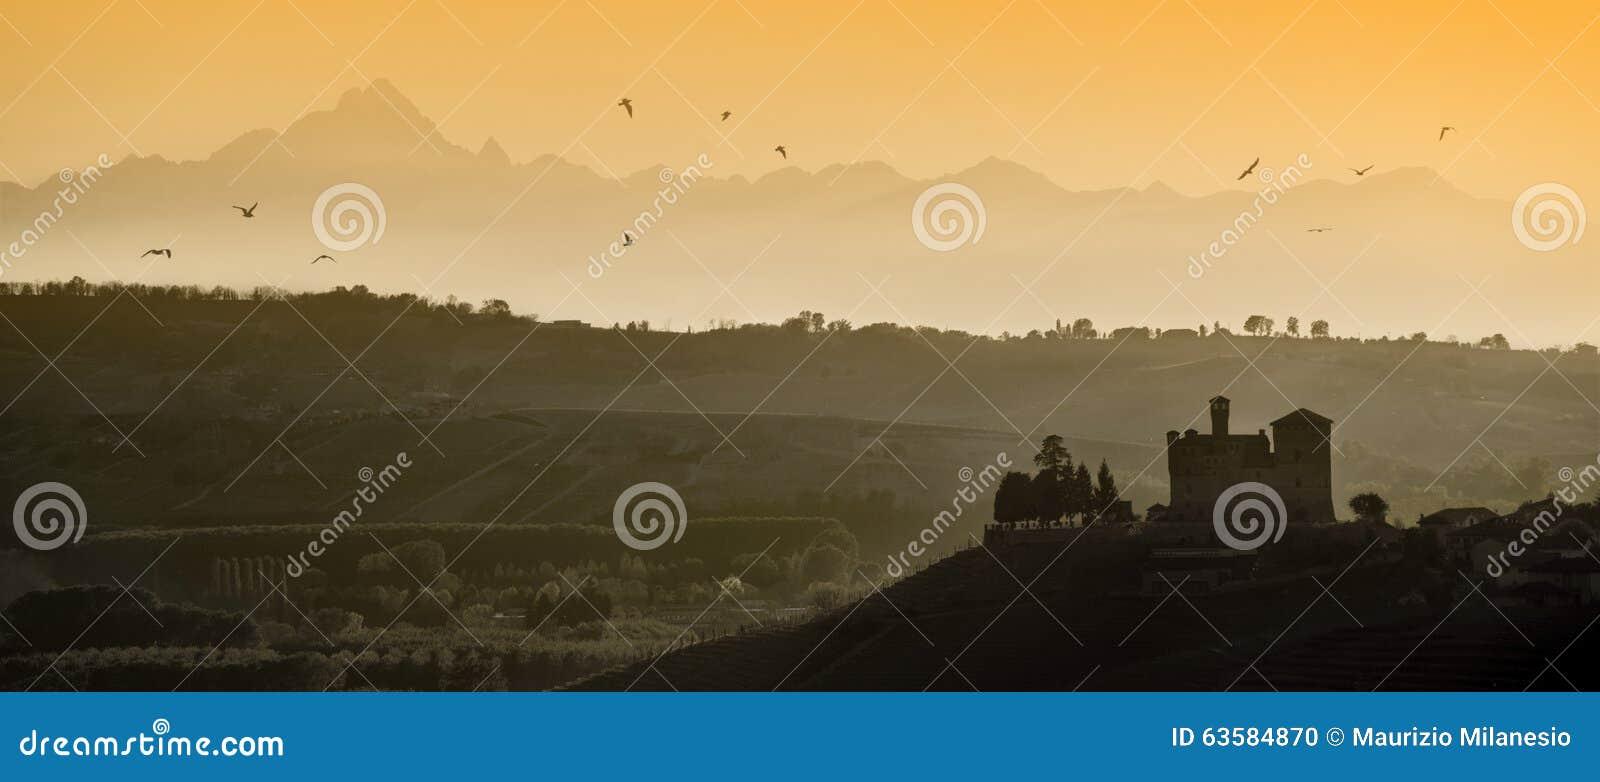 Vues de coucher du soleil dans l héritage de l UNESCO de Langhe